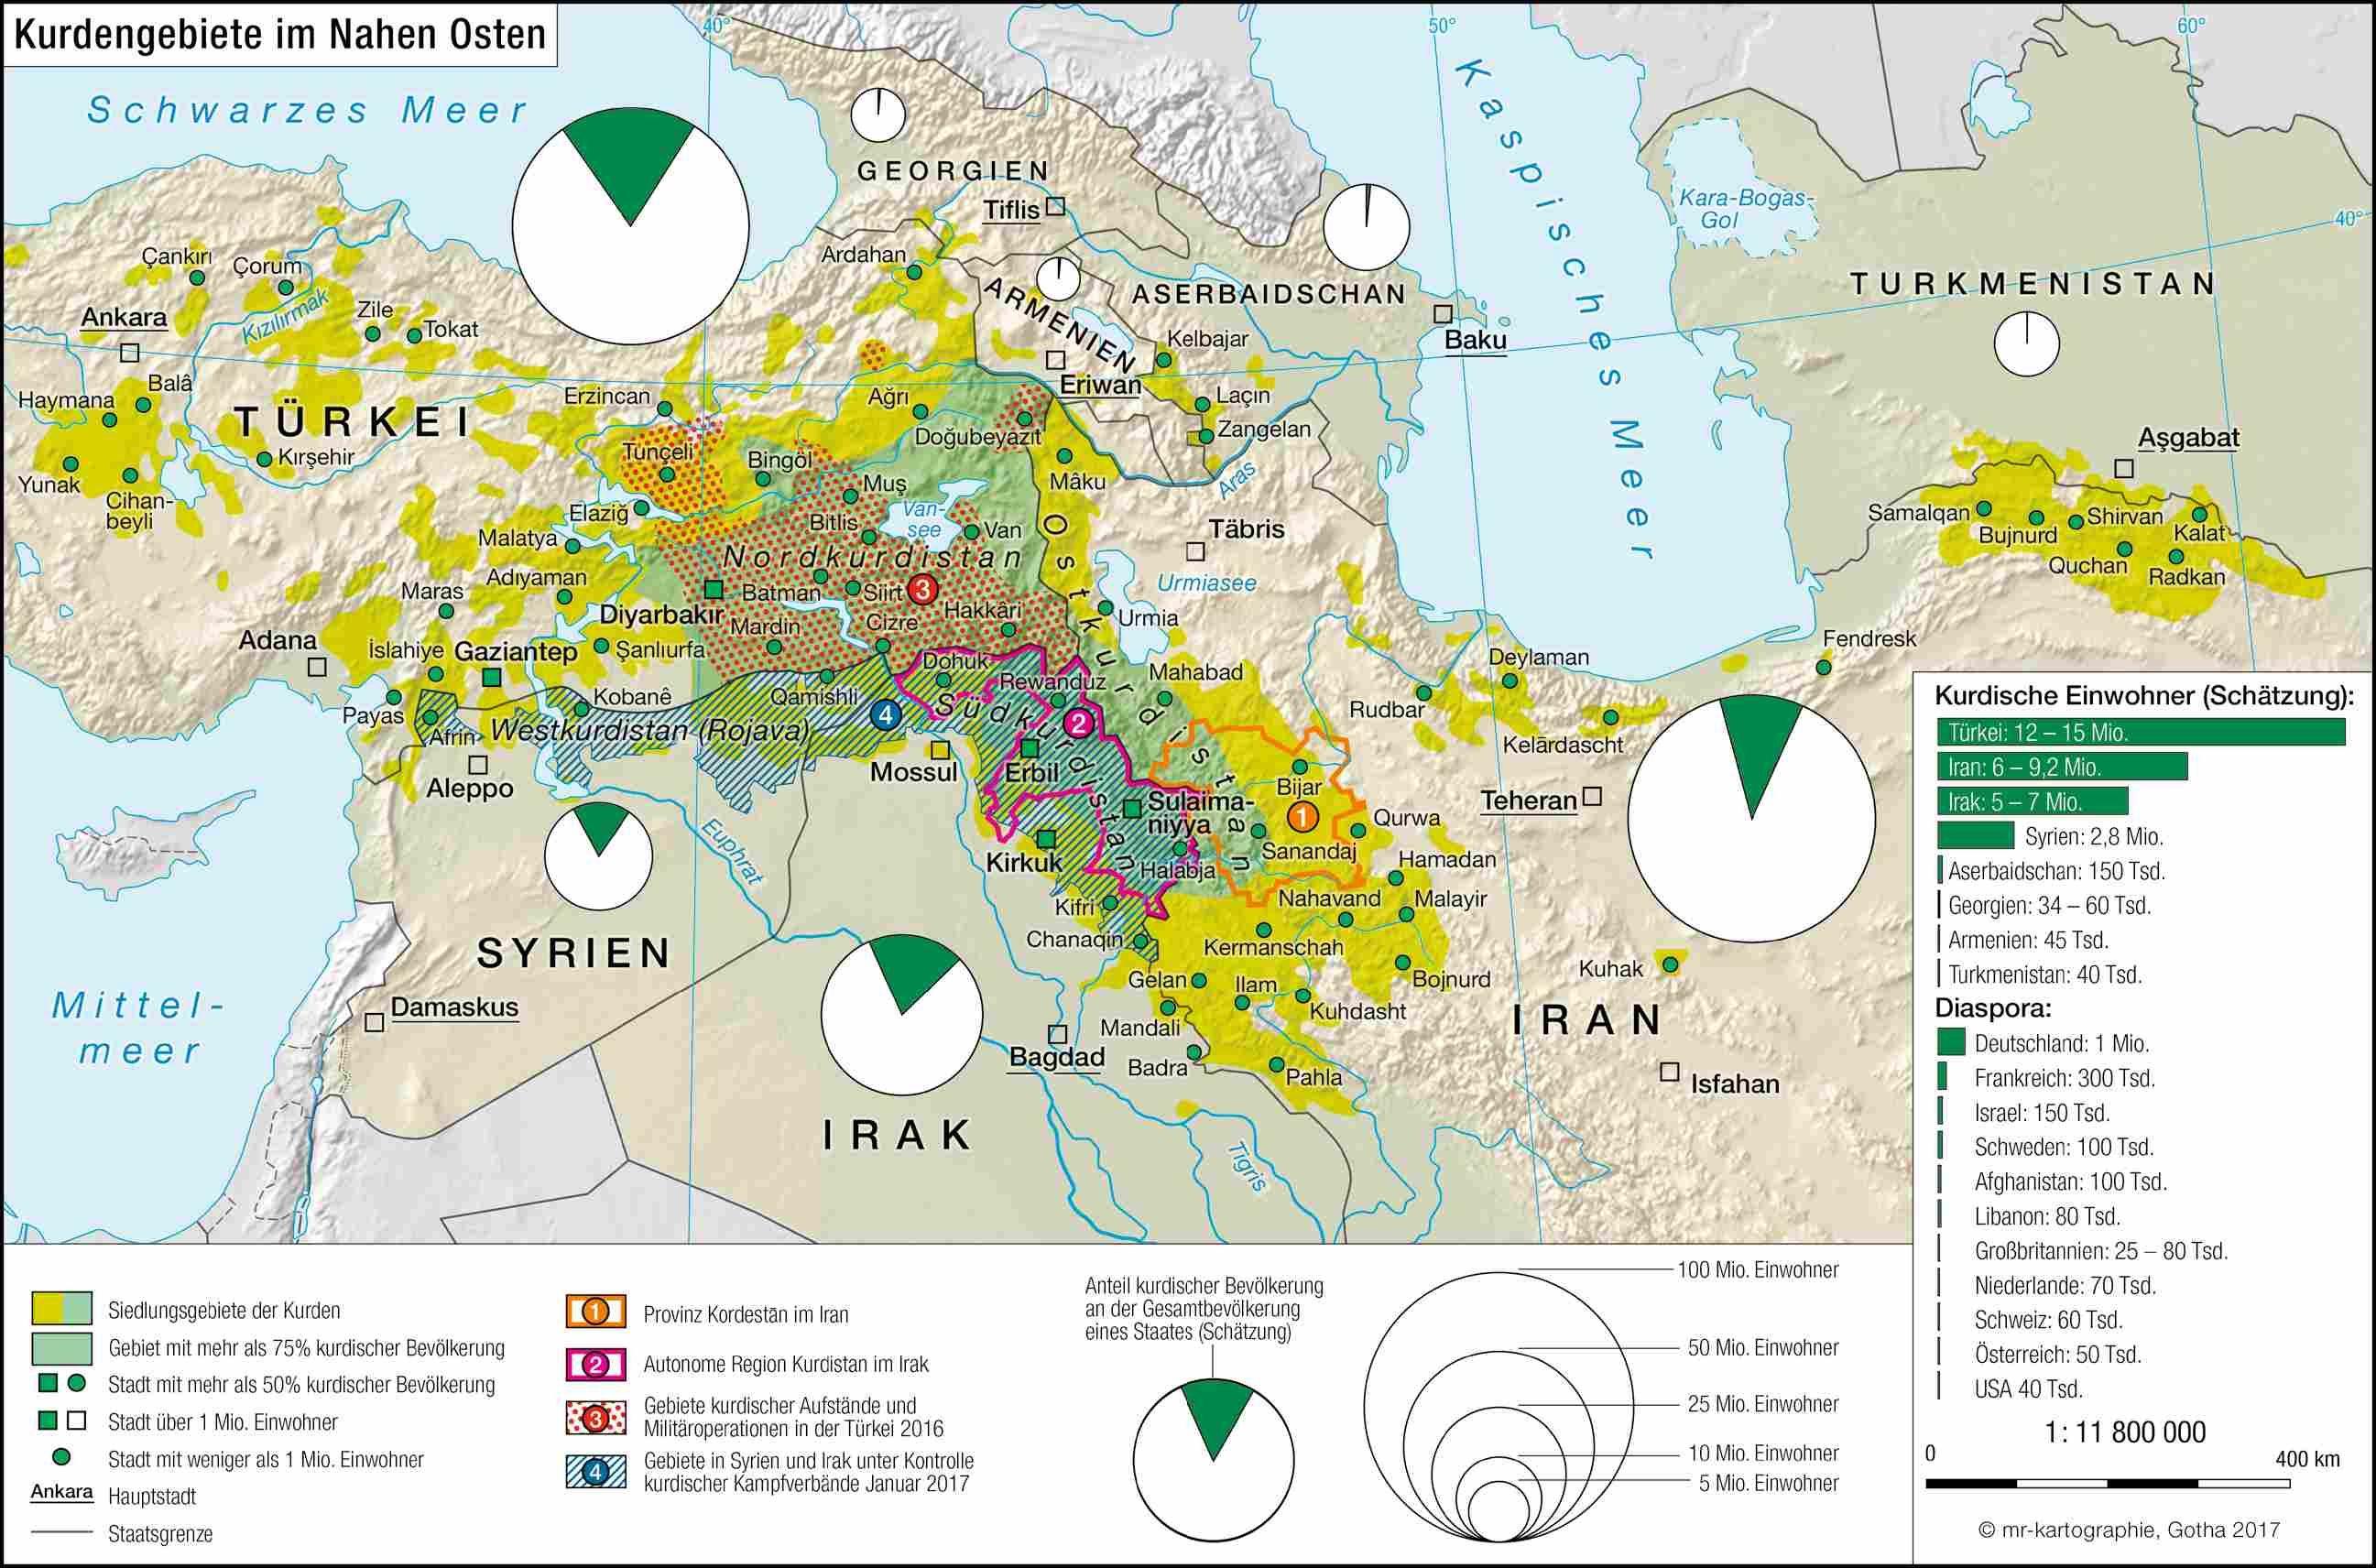 Kurdengebiete Im Nahen Osten C Mr Kartographie Gotha 2017